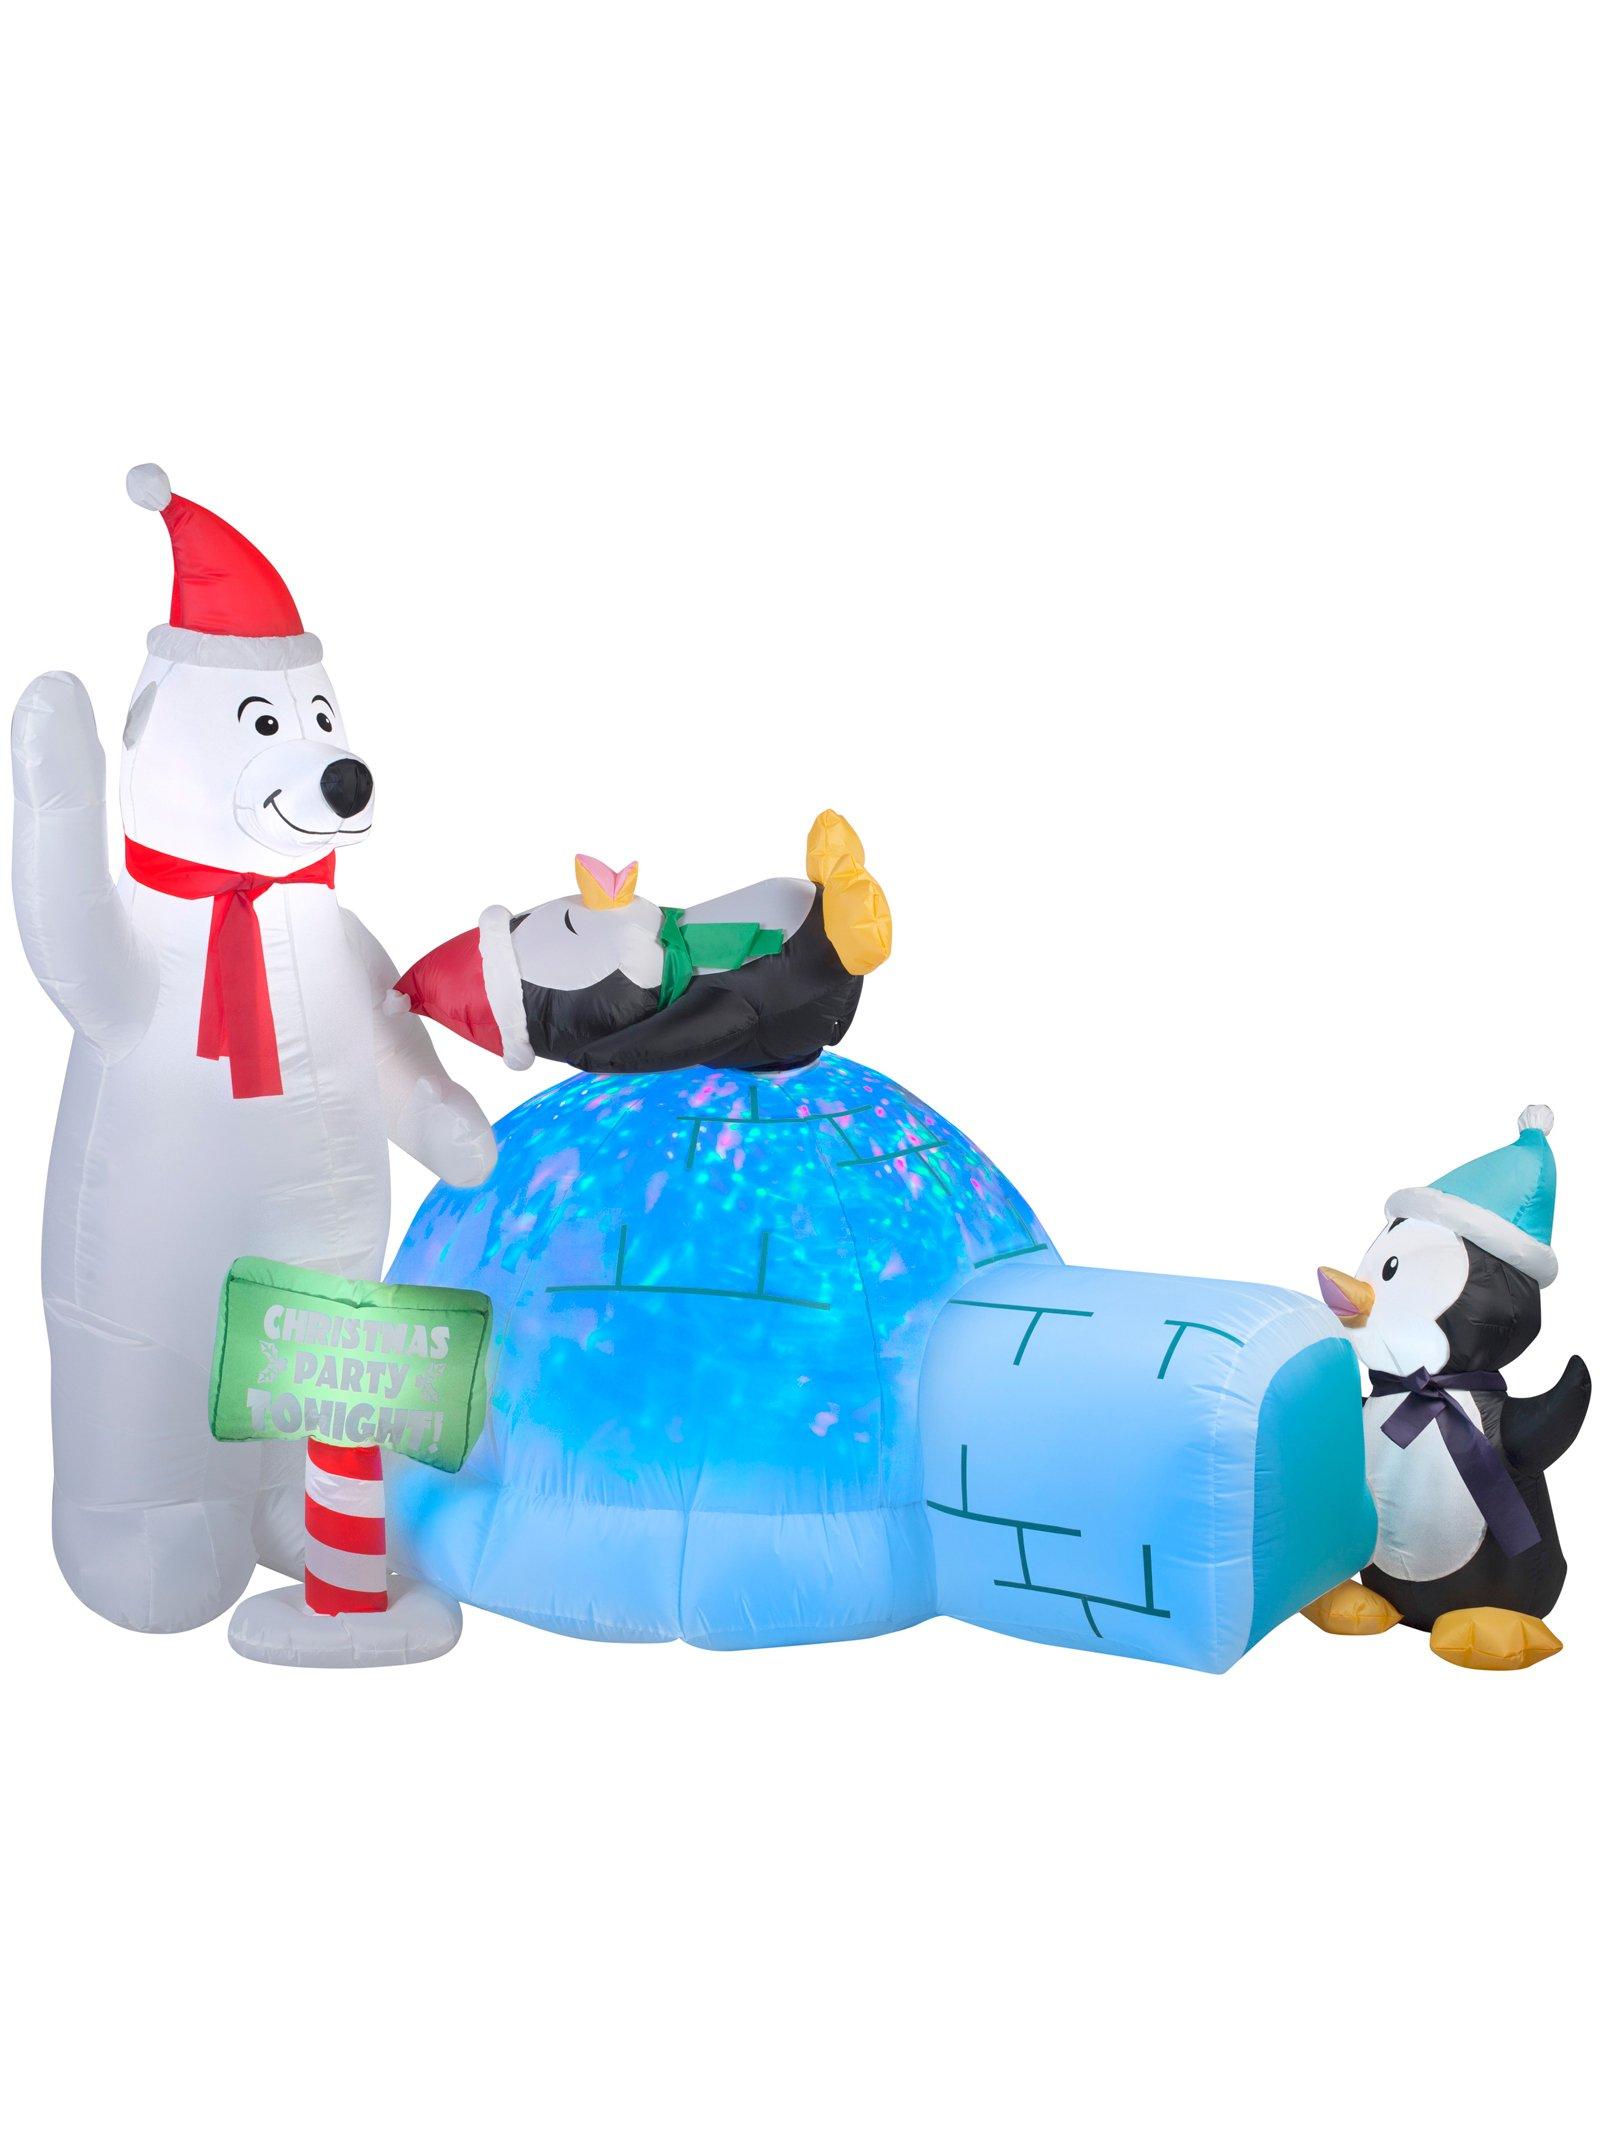 GEMMY INDUSTRIES 89898 Air blown Bear/Penguins